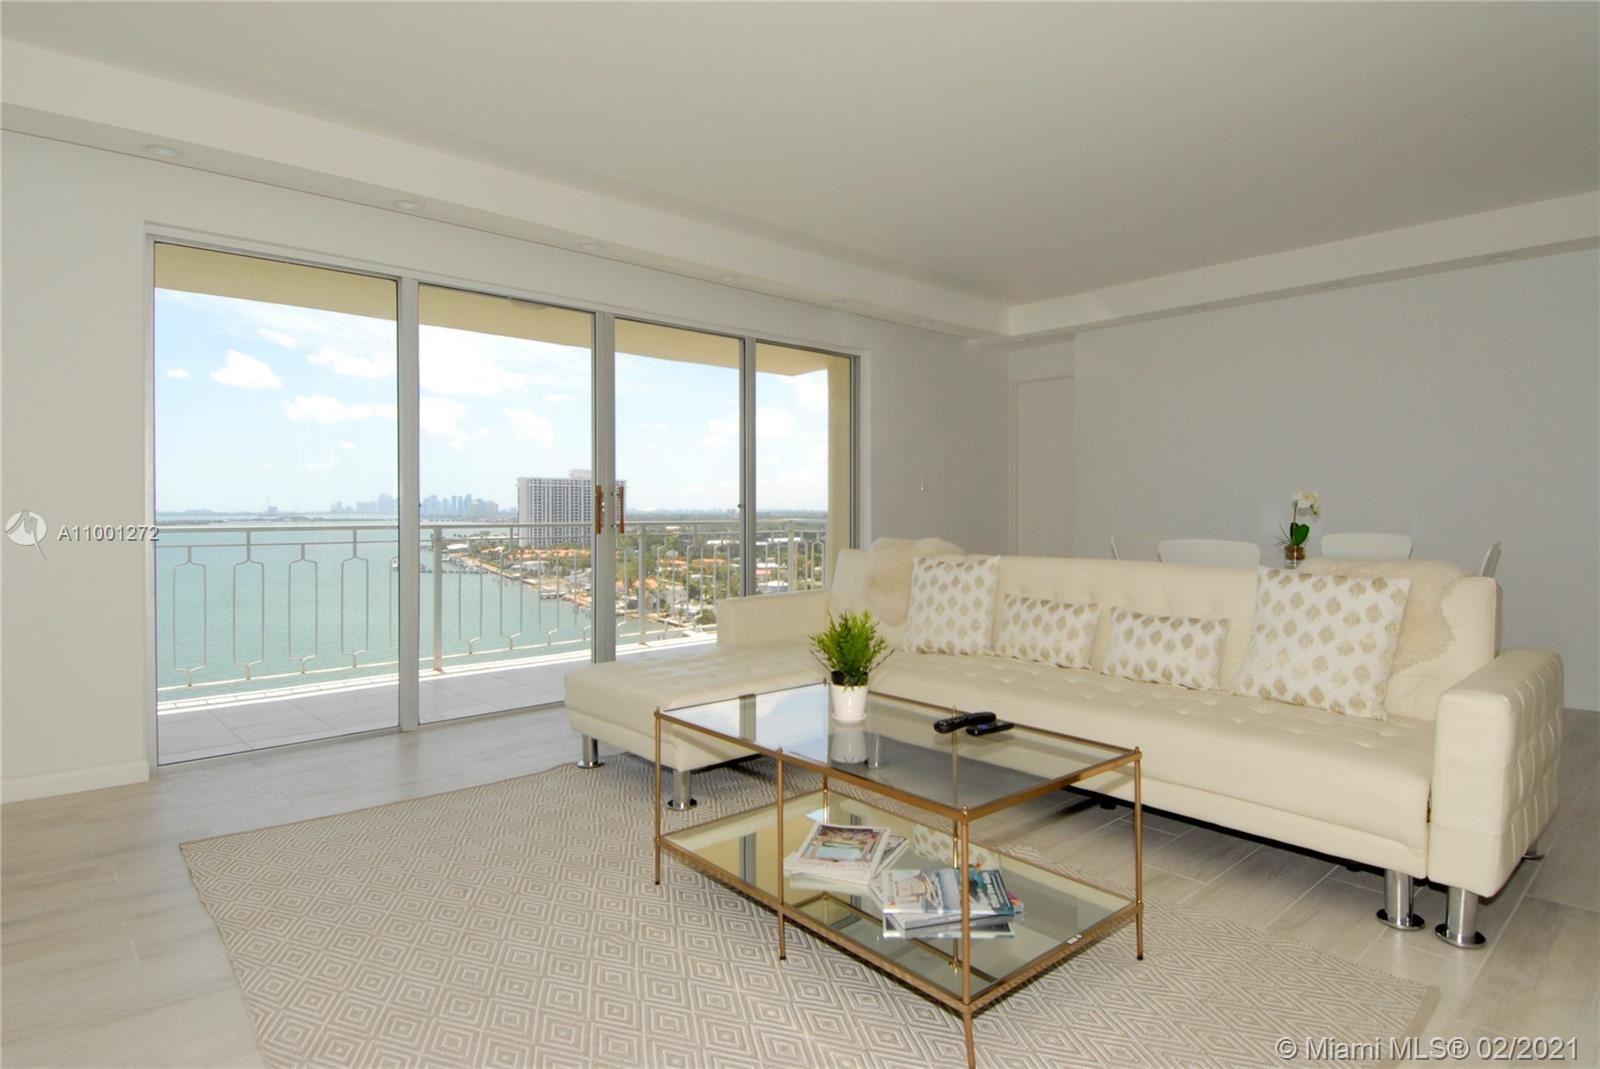 11111 Biscayne Blvd #1605, Miami, FL 33181 - #: A11001272